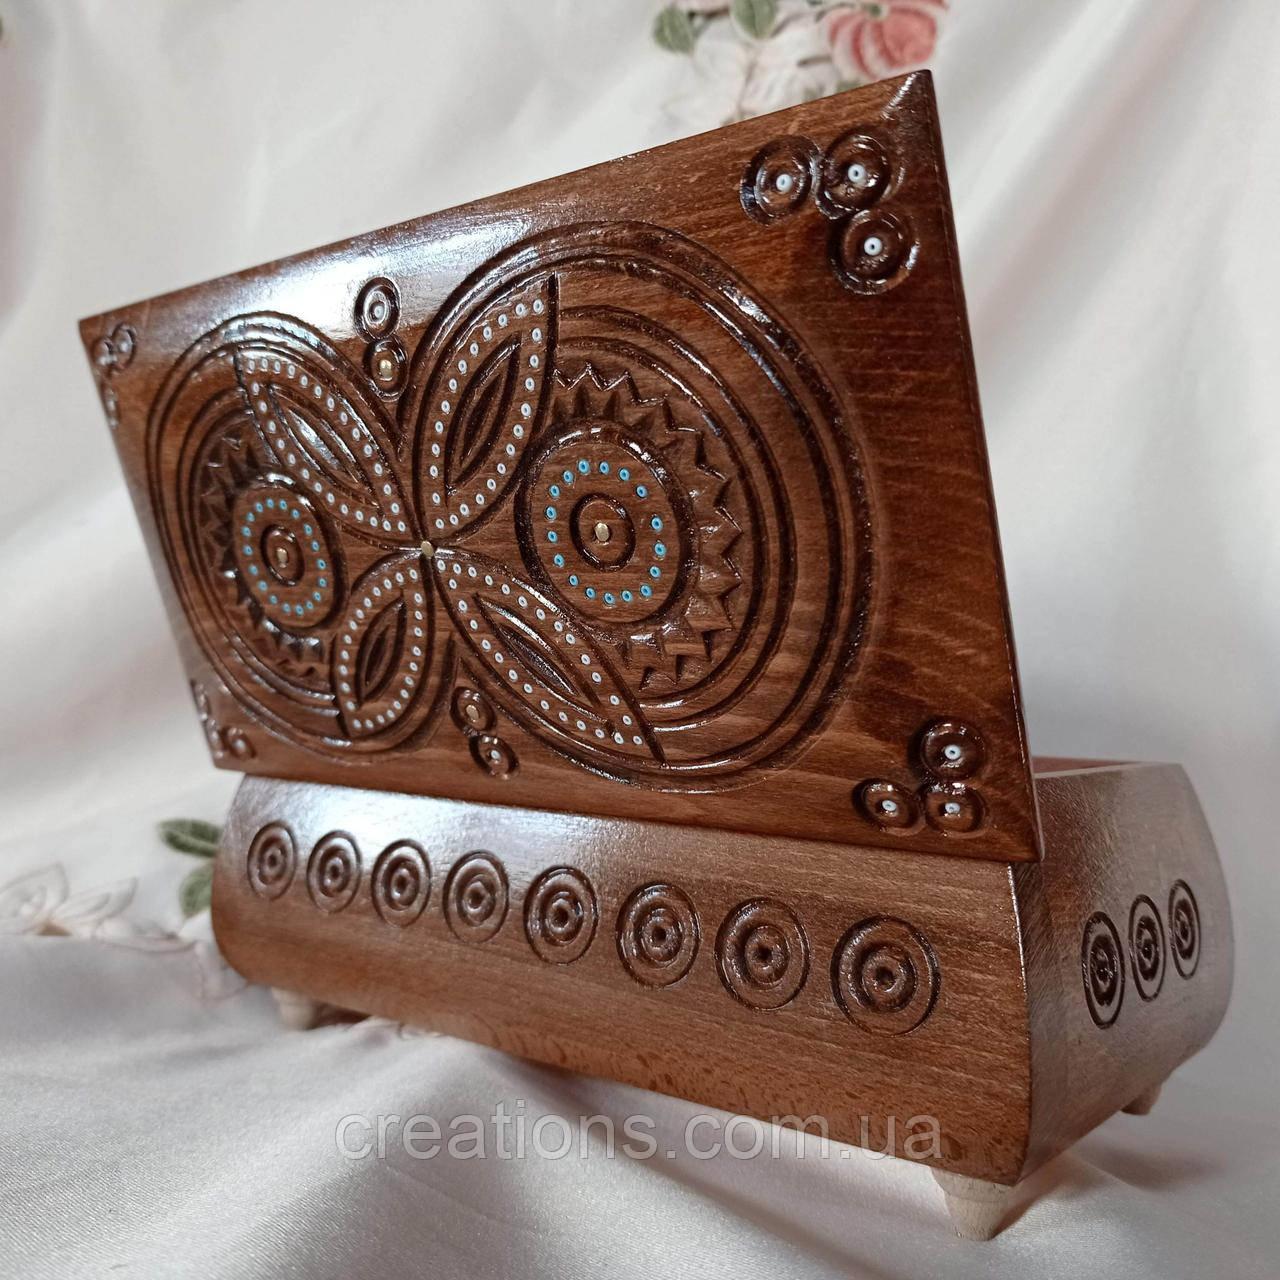 Резная деревянная шкатулка 21х11х8.5 см. для украшений, ручная работа ШК-26